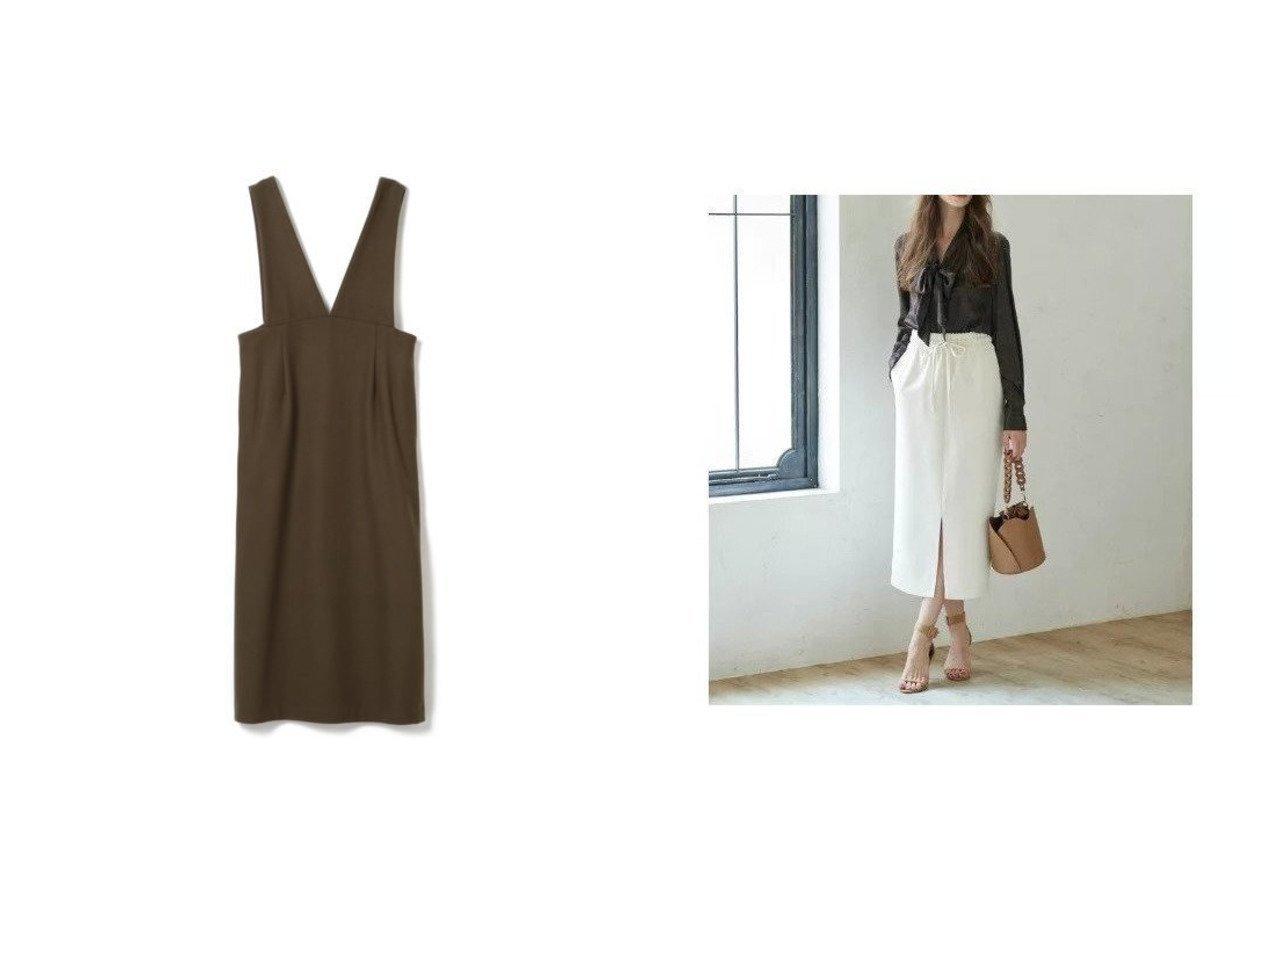 【SACRA/サクラ】のウールジャンパースカート&【CLEAR IMPRESSION/クリアインプレッション】の《INED CLARO》ドロストスカート 【スカート】おすすめ!人気、トレンド・レディースファッションの通販 おすすめで人気の流行・トレンド、ファッションの通販商品 インテリア・家具・メンズファッション・キッズファッション・レディースファッション・服の通販 founy(ファニー) https://founy.com/ ファッション Fashion レディースファッション WOMEN スカート Skirt スリット センター タイトスカート リラックス ノースリーブ フォルム |ID:crp329100000069612